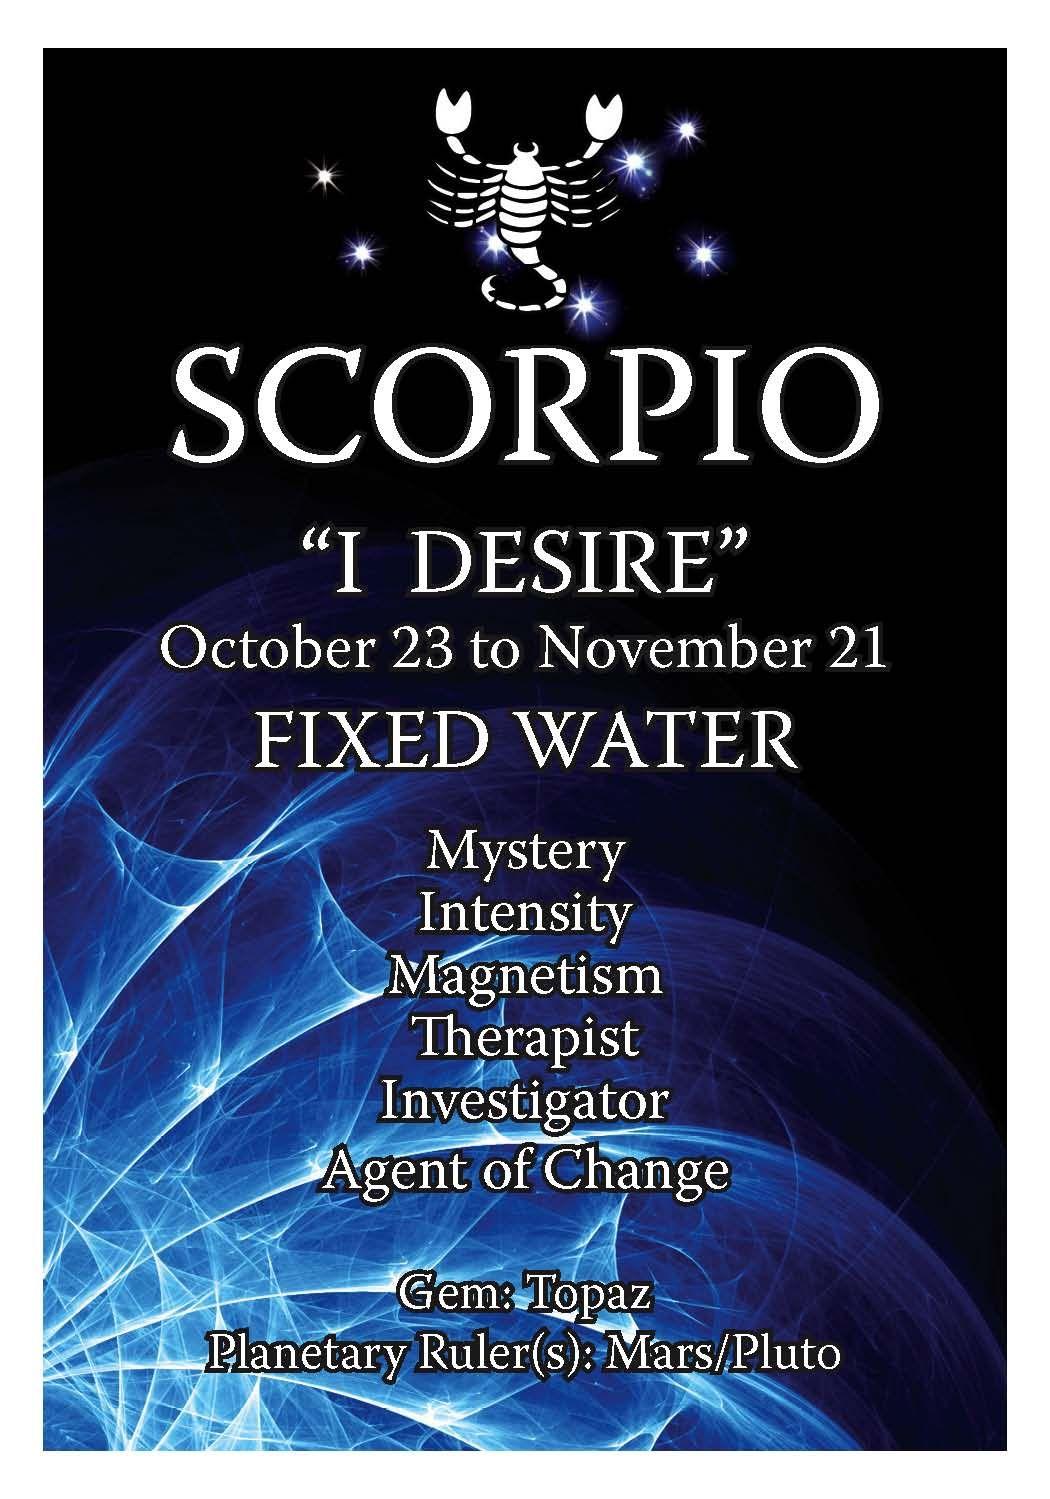 Images of Scorpio - Bing Images | Scorpio Frame Of Mind | Scorpio